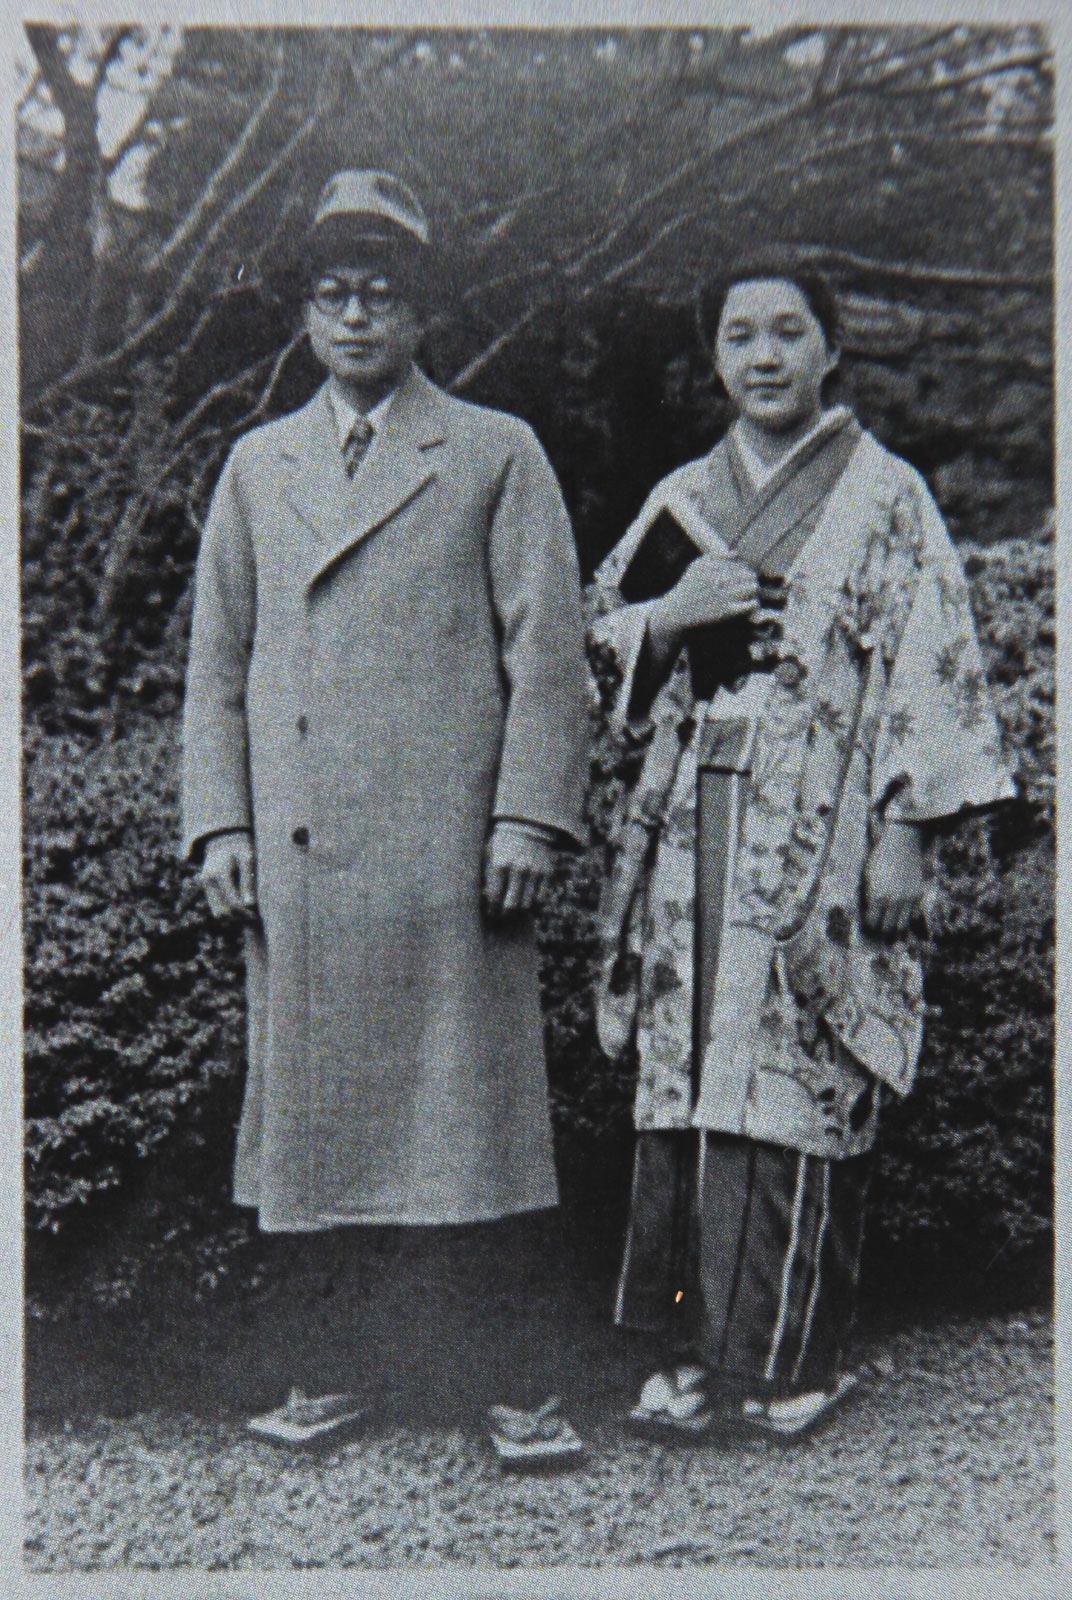 鈴木喜一郎さん、華子さん夫妻